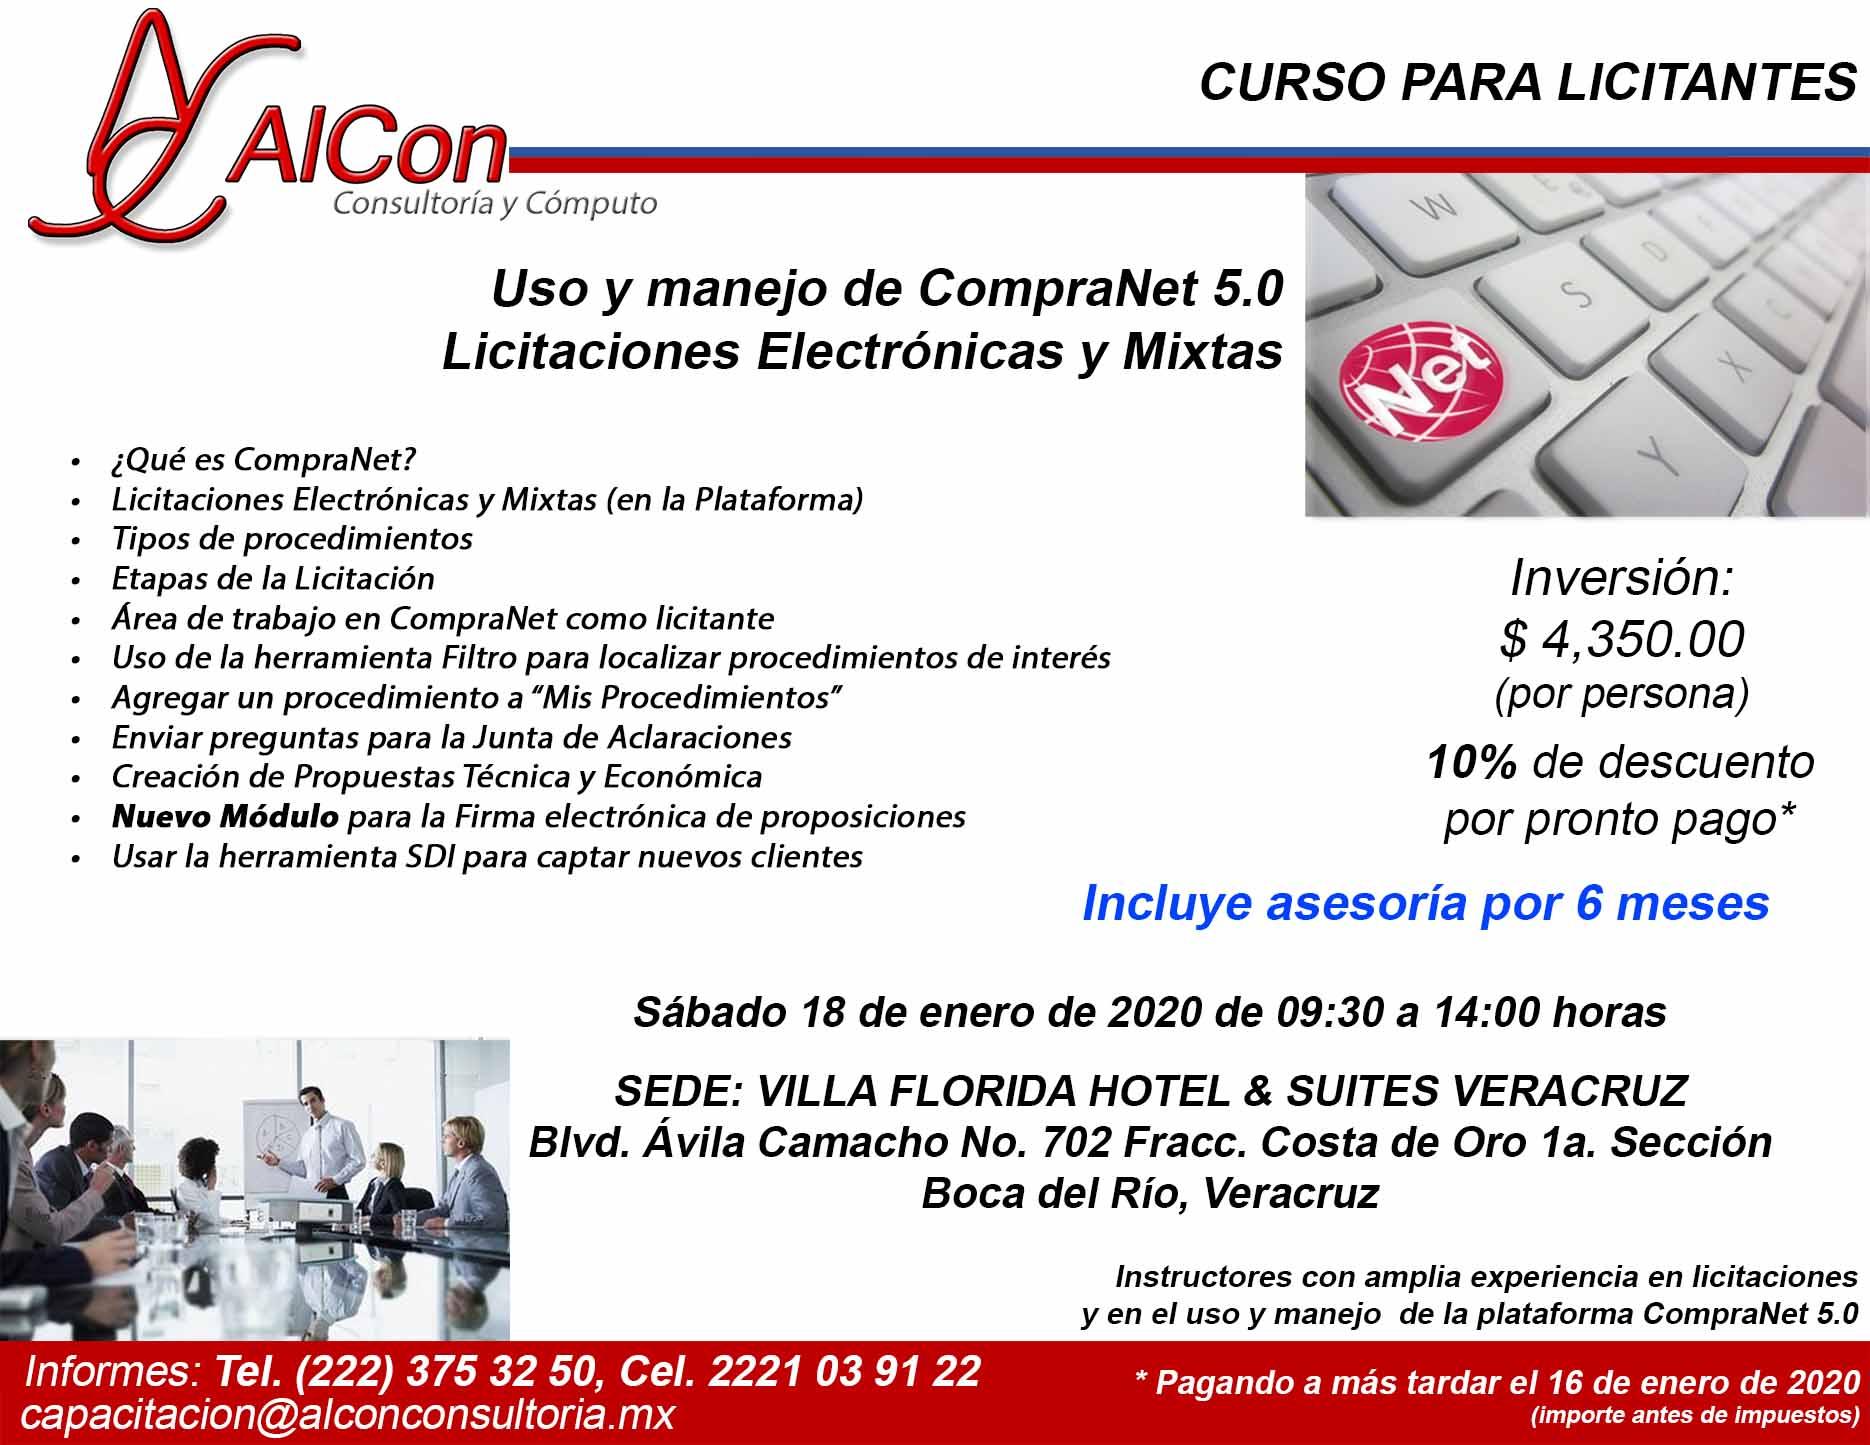 Curso de CompraNet 5.0, Veracruz, AlCon Consultoría y Cómputo, AlCon Consulting And Commerce, Arcadio Alonso Sánchez